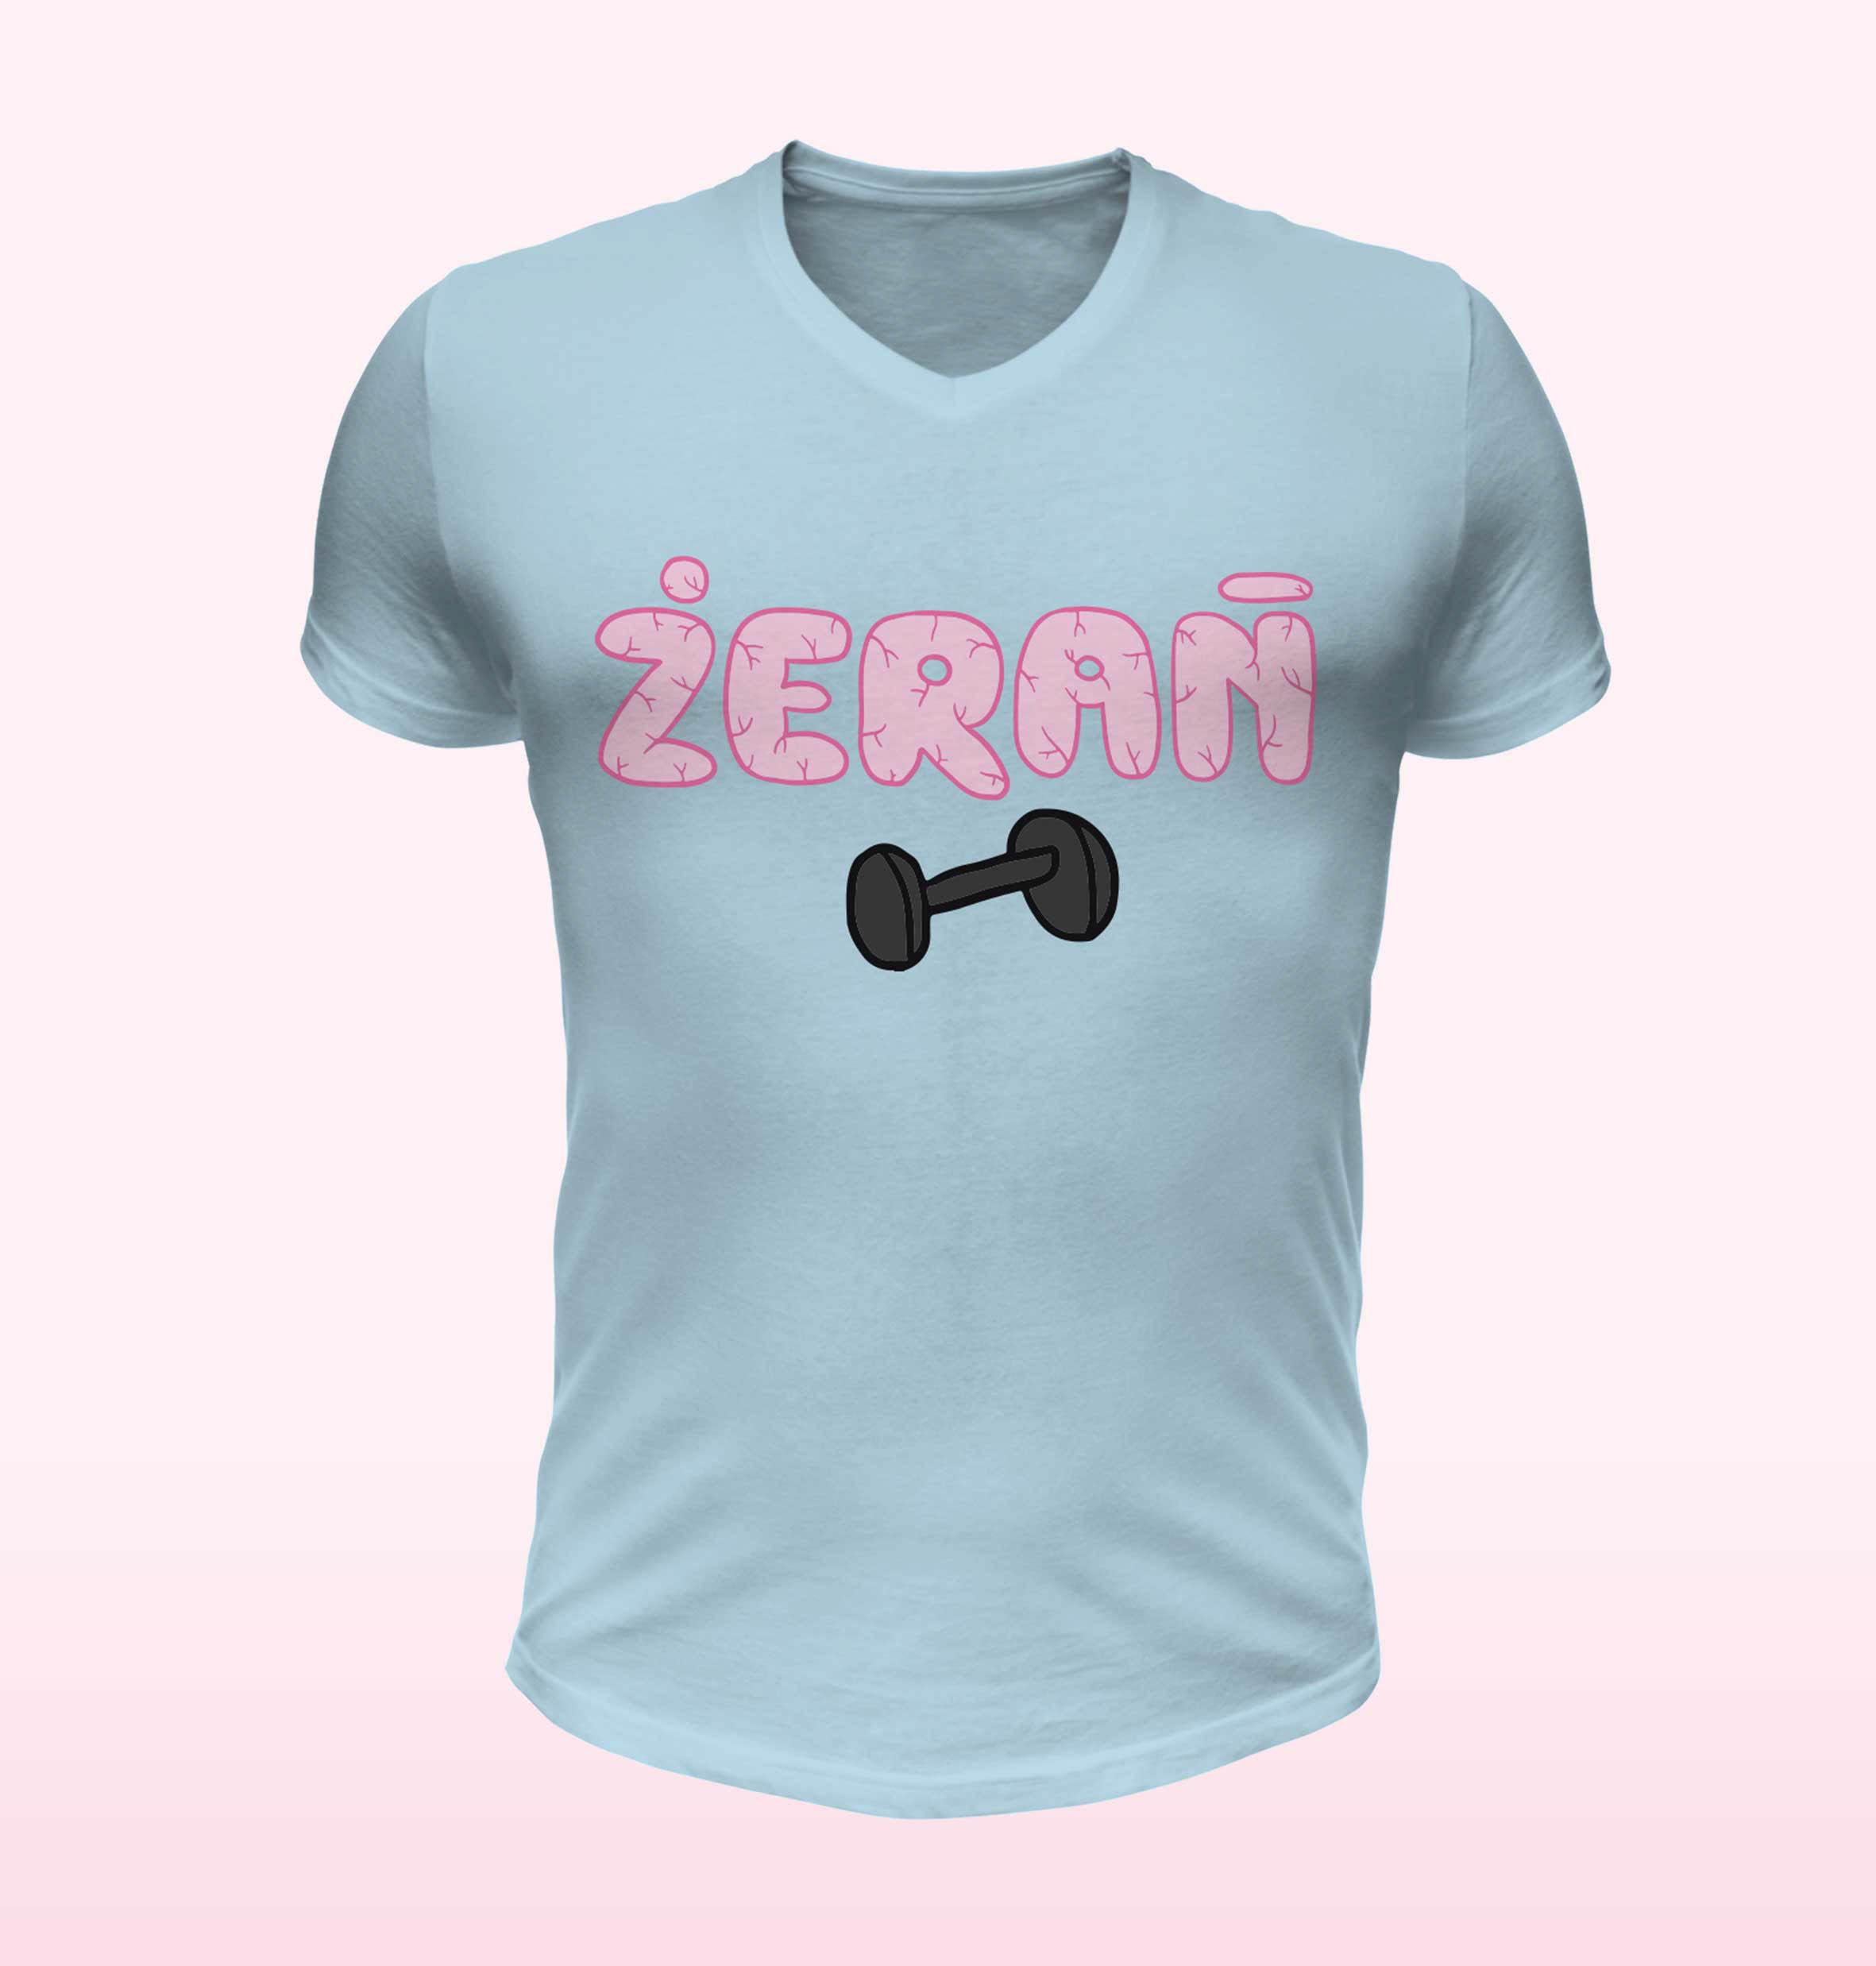 Żerań - identyfikacja wizualna shirt